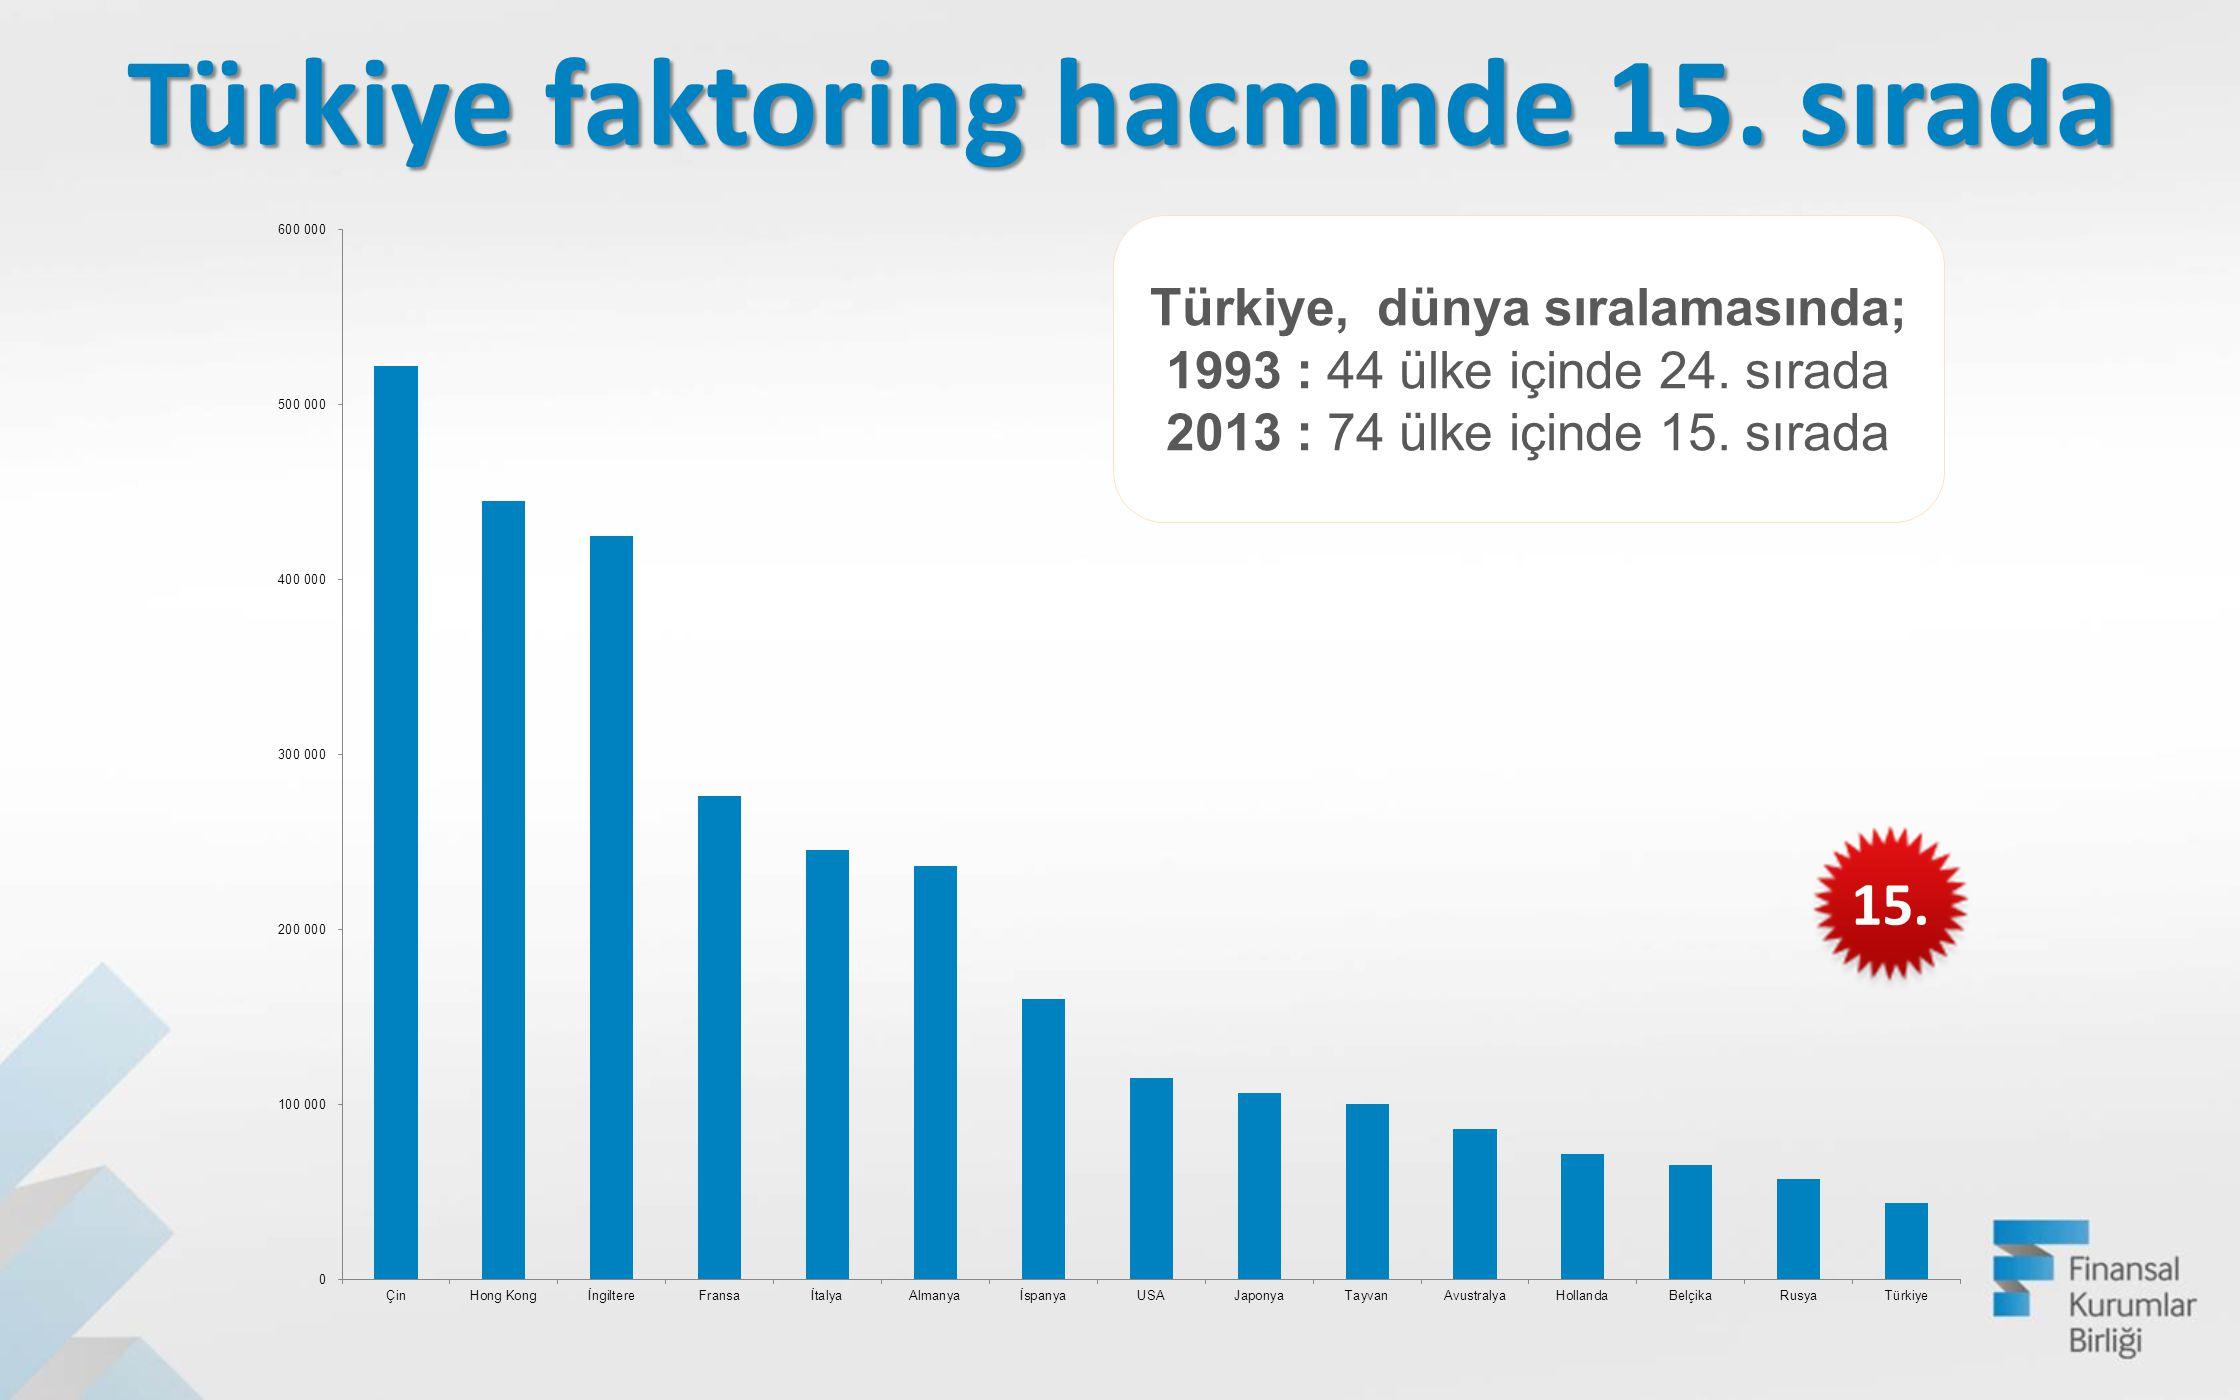 Türkiye faktoring hacminde 15. sırada Türkiye, dünya sıralamasında; 1993 : 44 ülke içinde 24. sırada 2013 : 74 ülke içinde 15. sırada 15.